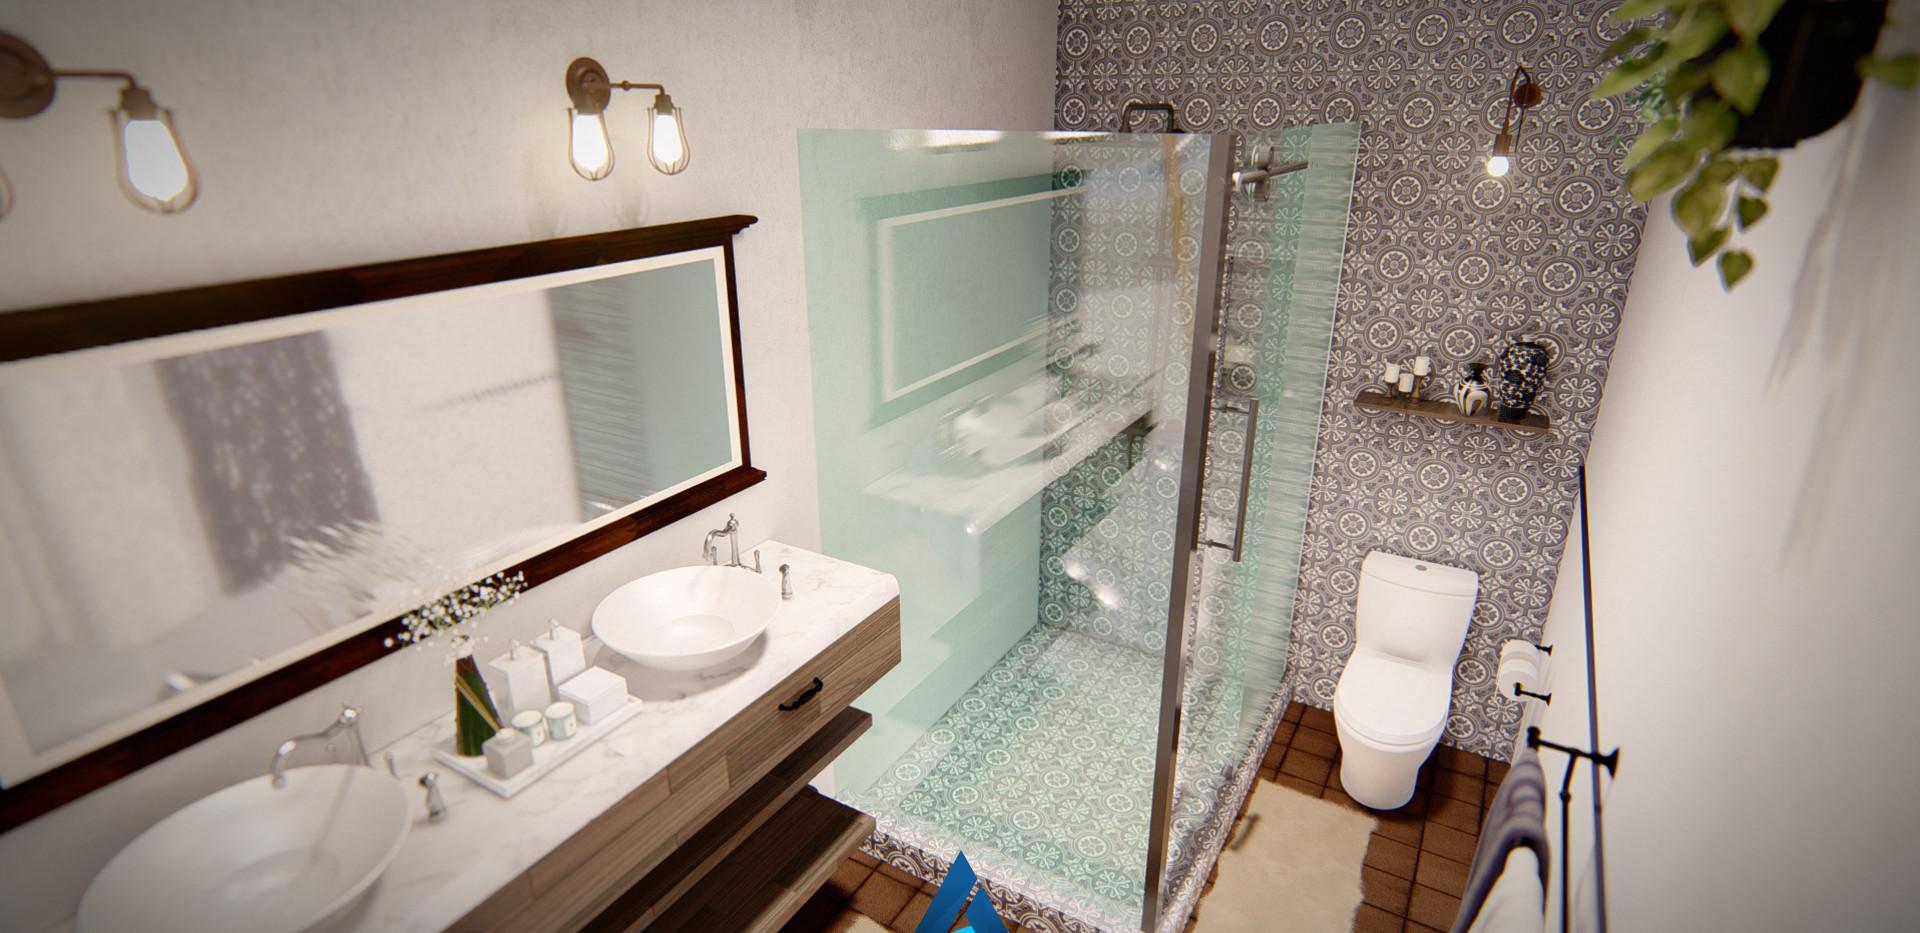 baño_2 - Foto.jpg